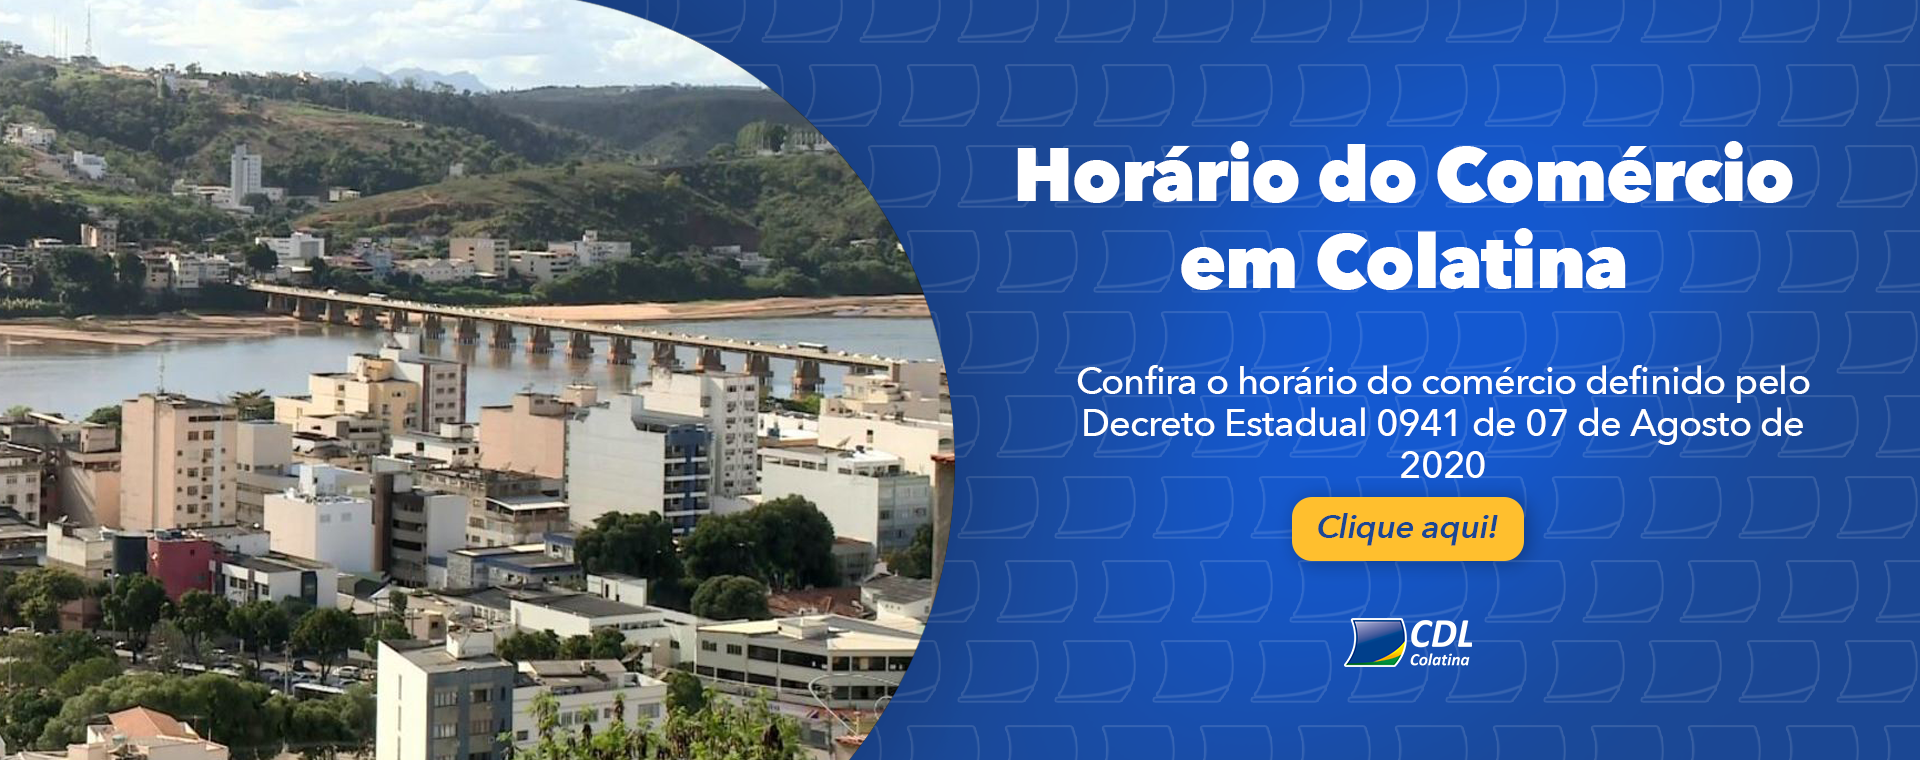 Horário-do-comércio-banner_Decreto Estadual 0941